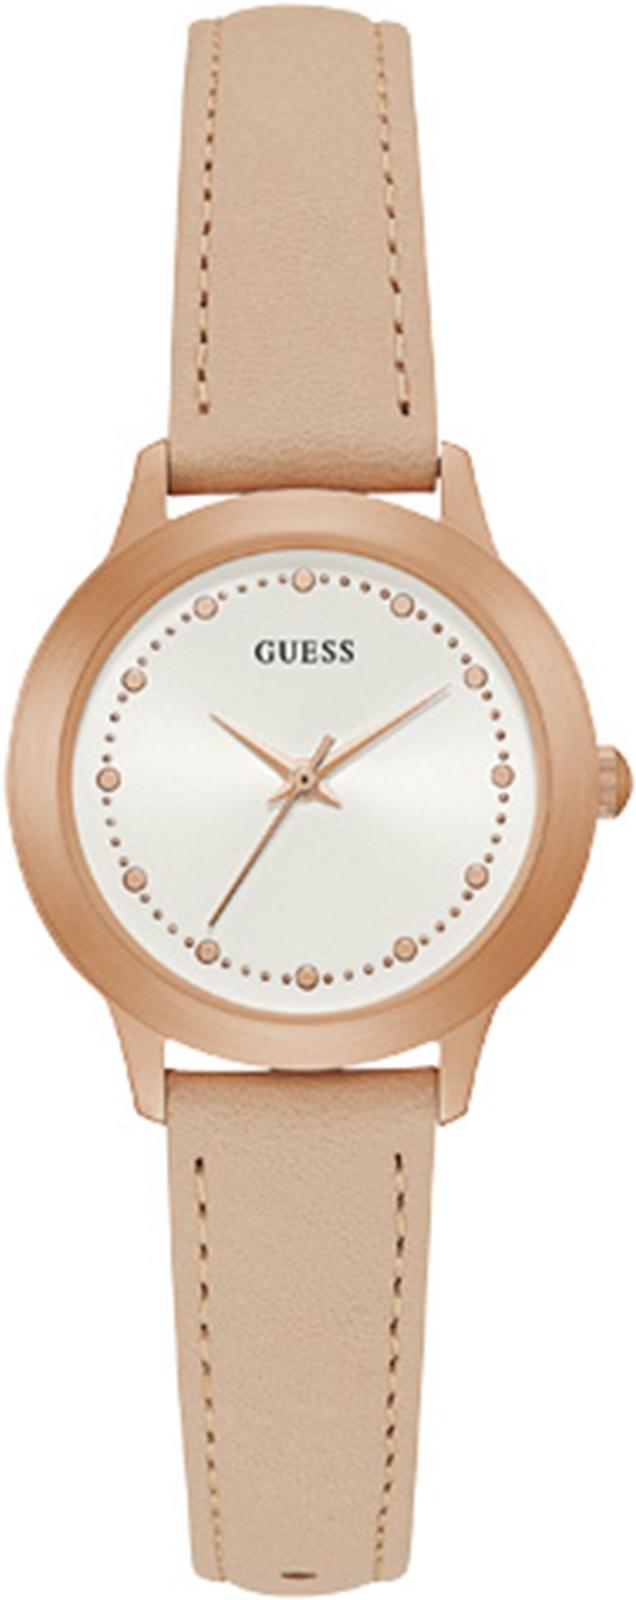 лучшая цена Часы Guess CHELSEA, бежевый, светло-бежевый, золотой